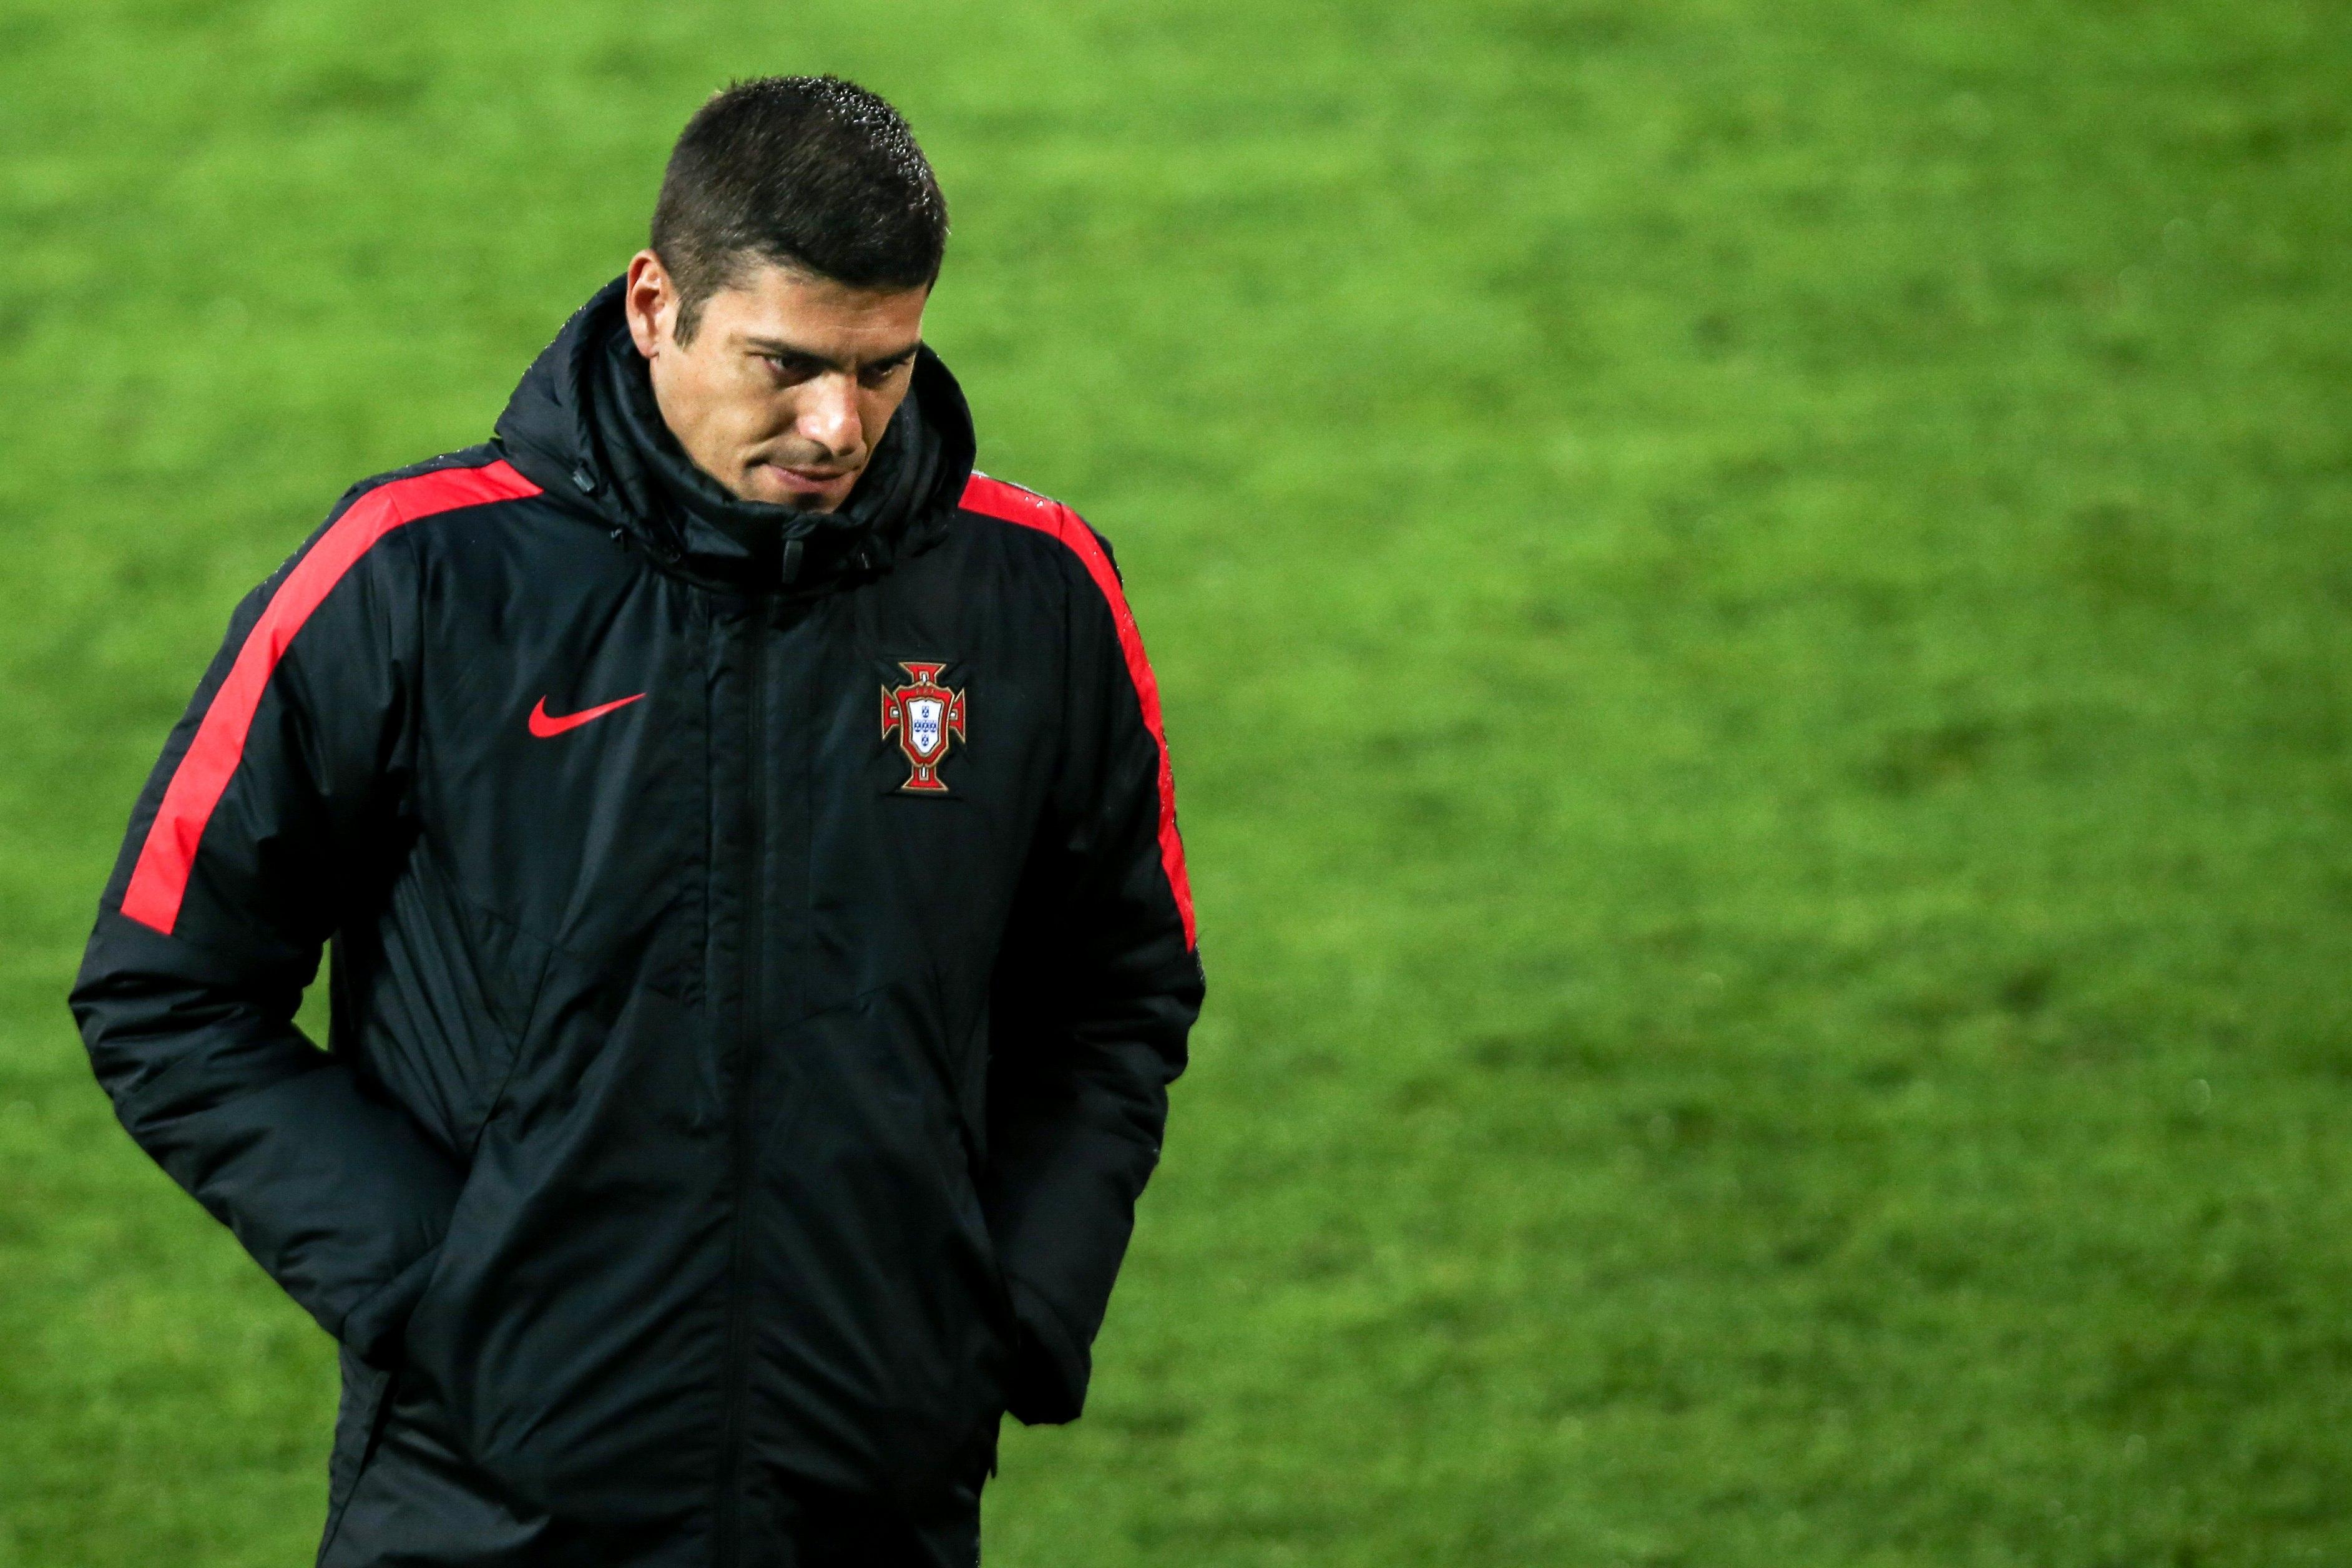 Algarve Cup: Míssil de Carole Costa abate defesa chinesa